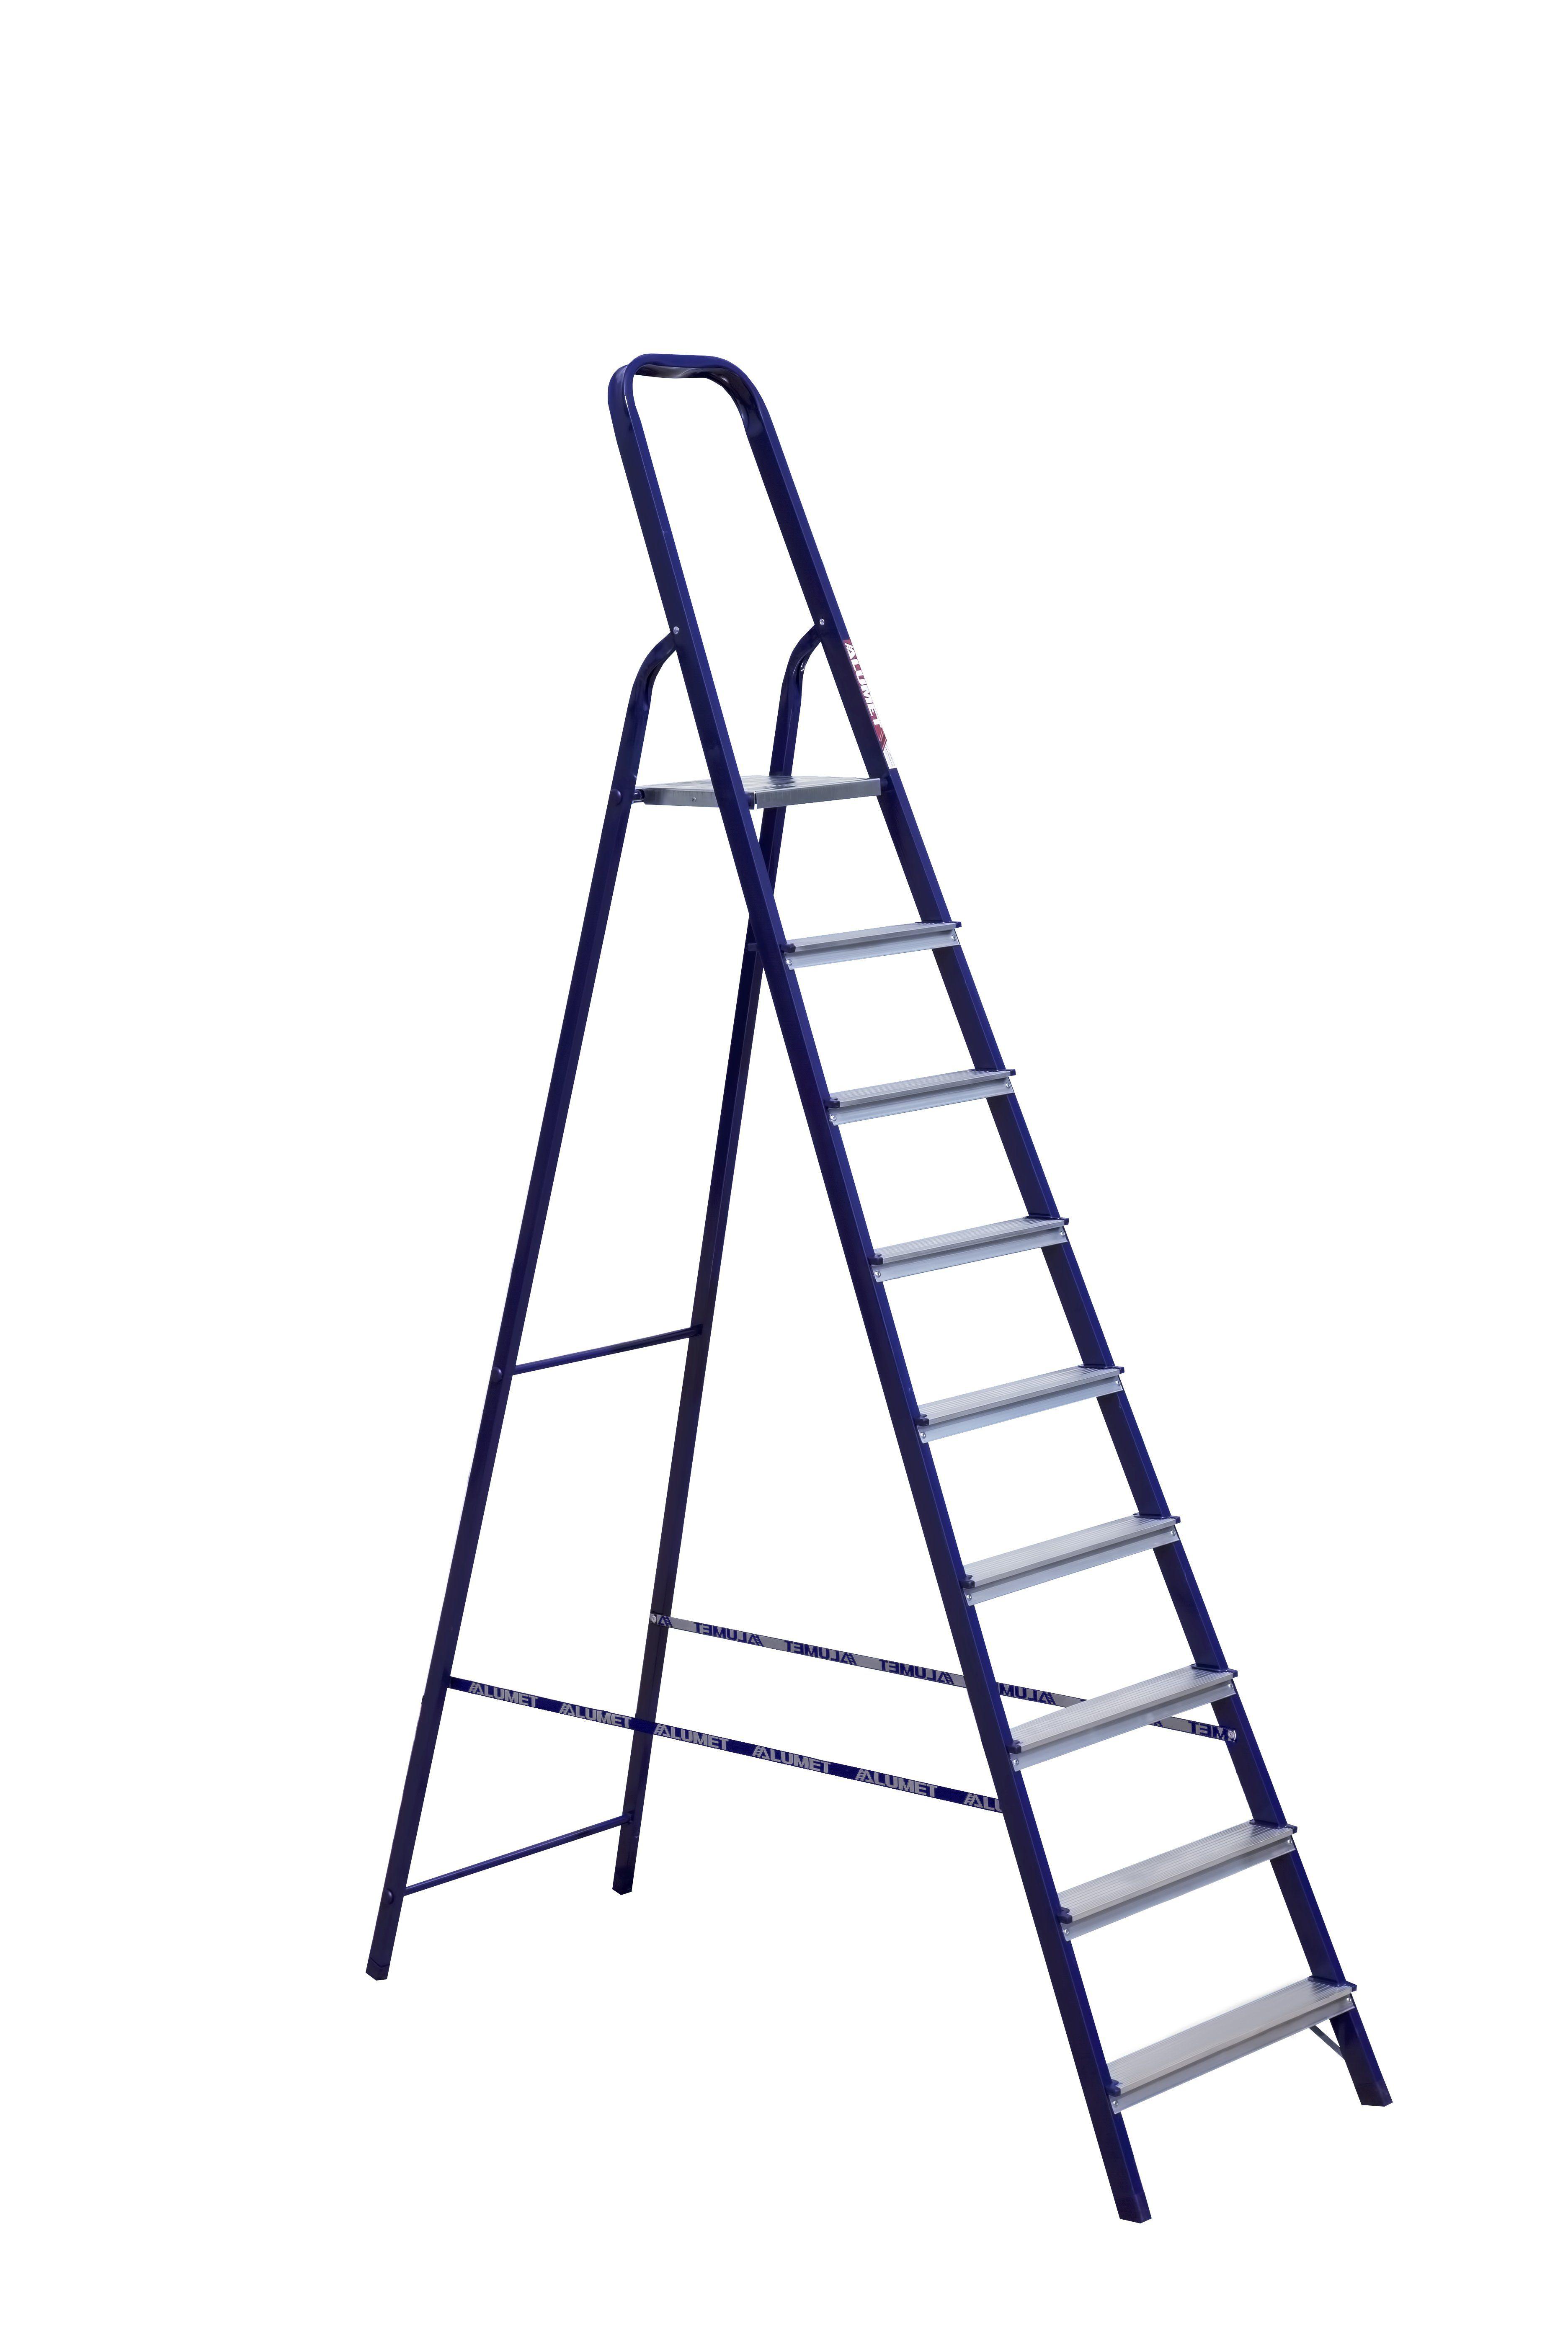 Лестница стремянка АЛЮМЕТ стальная м8409 9 ступеней